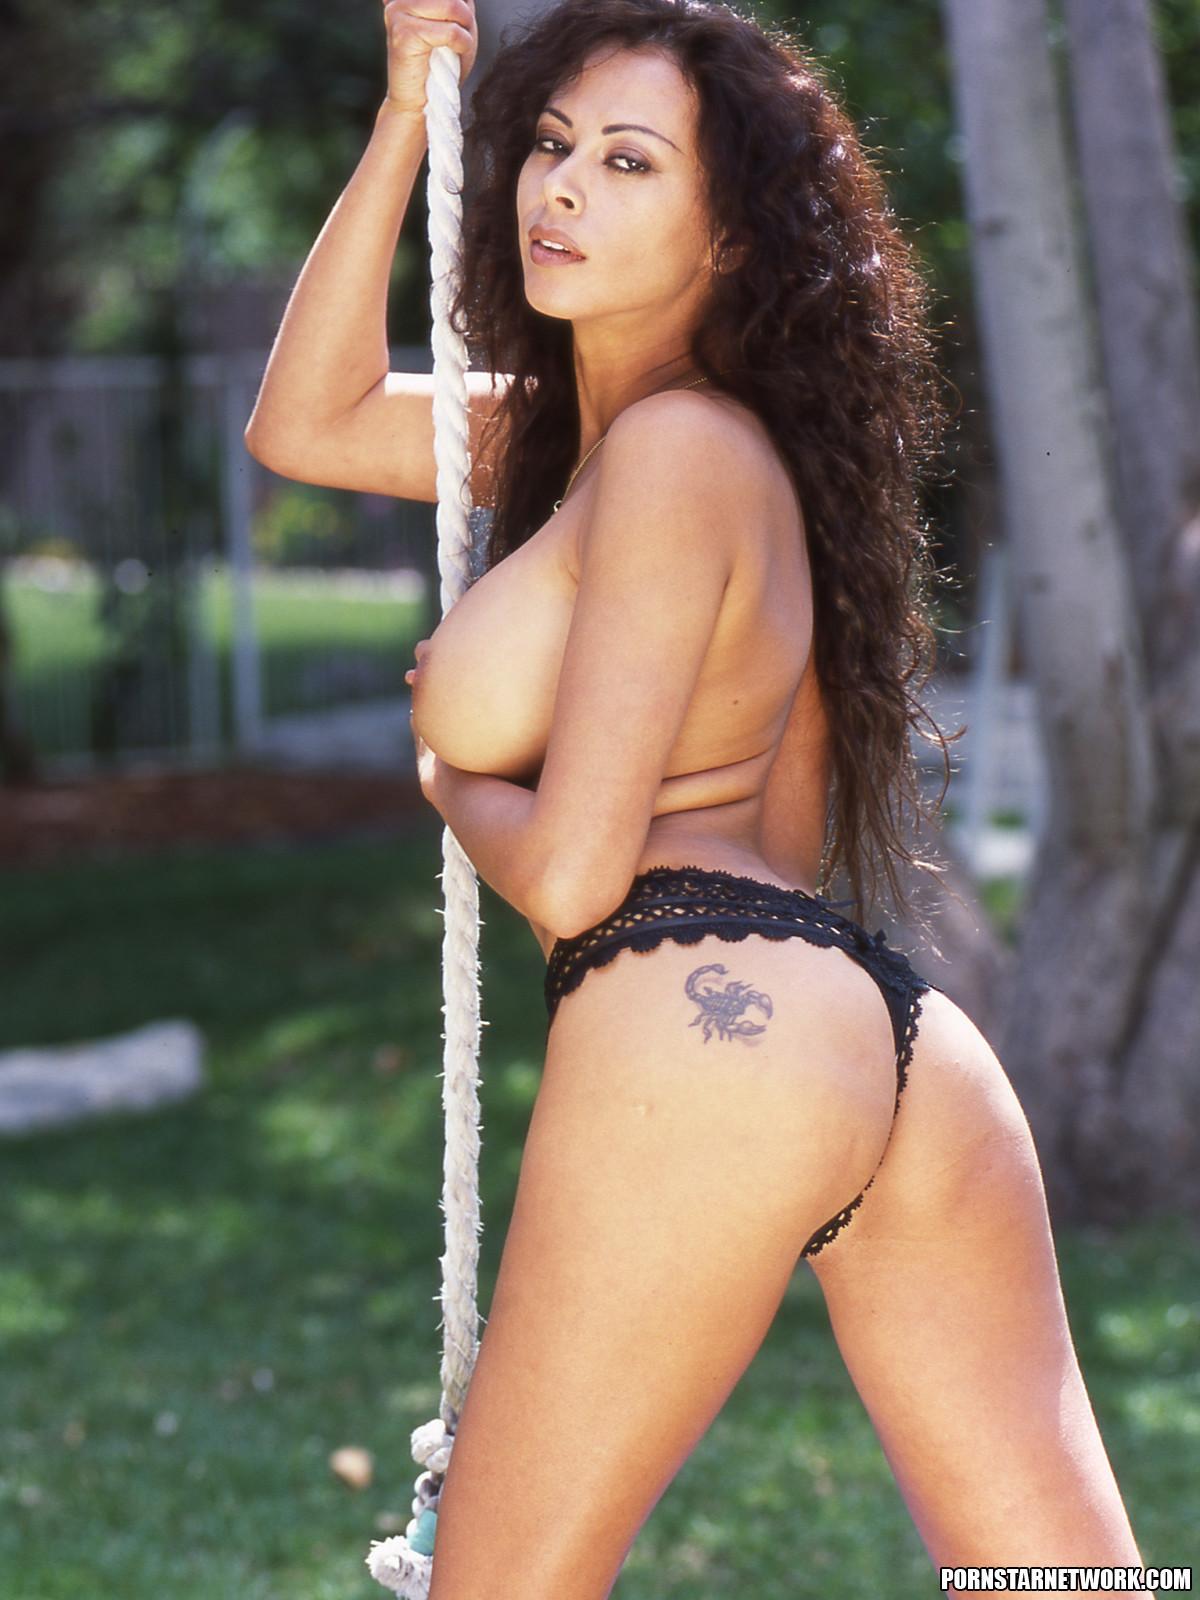 Vanessa del rio anal porn